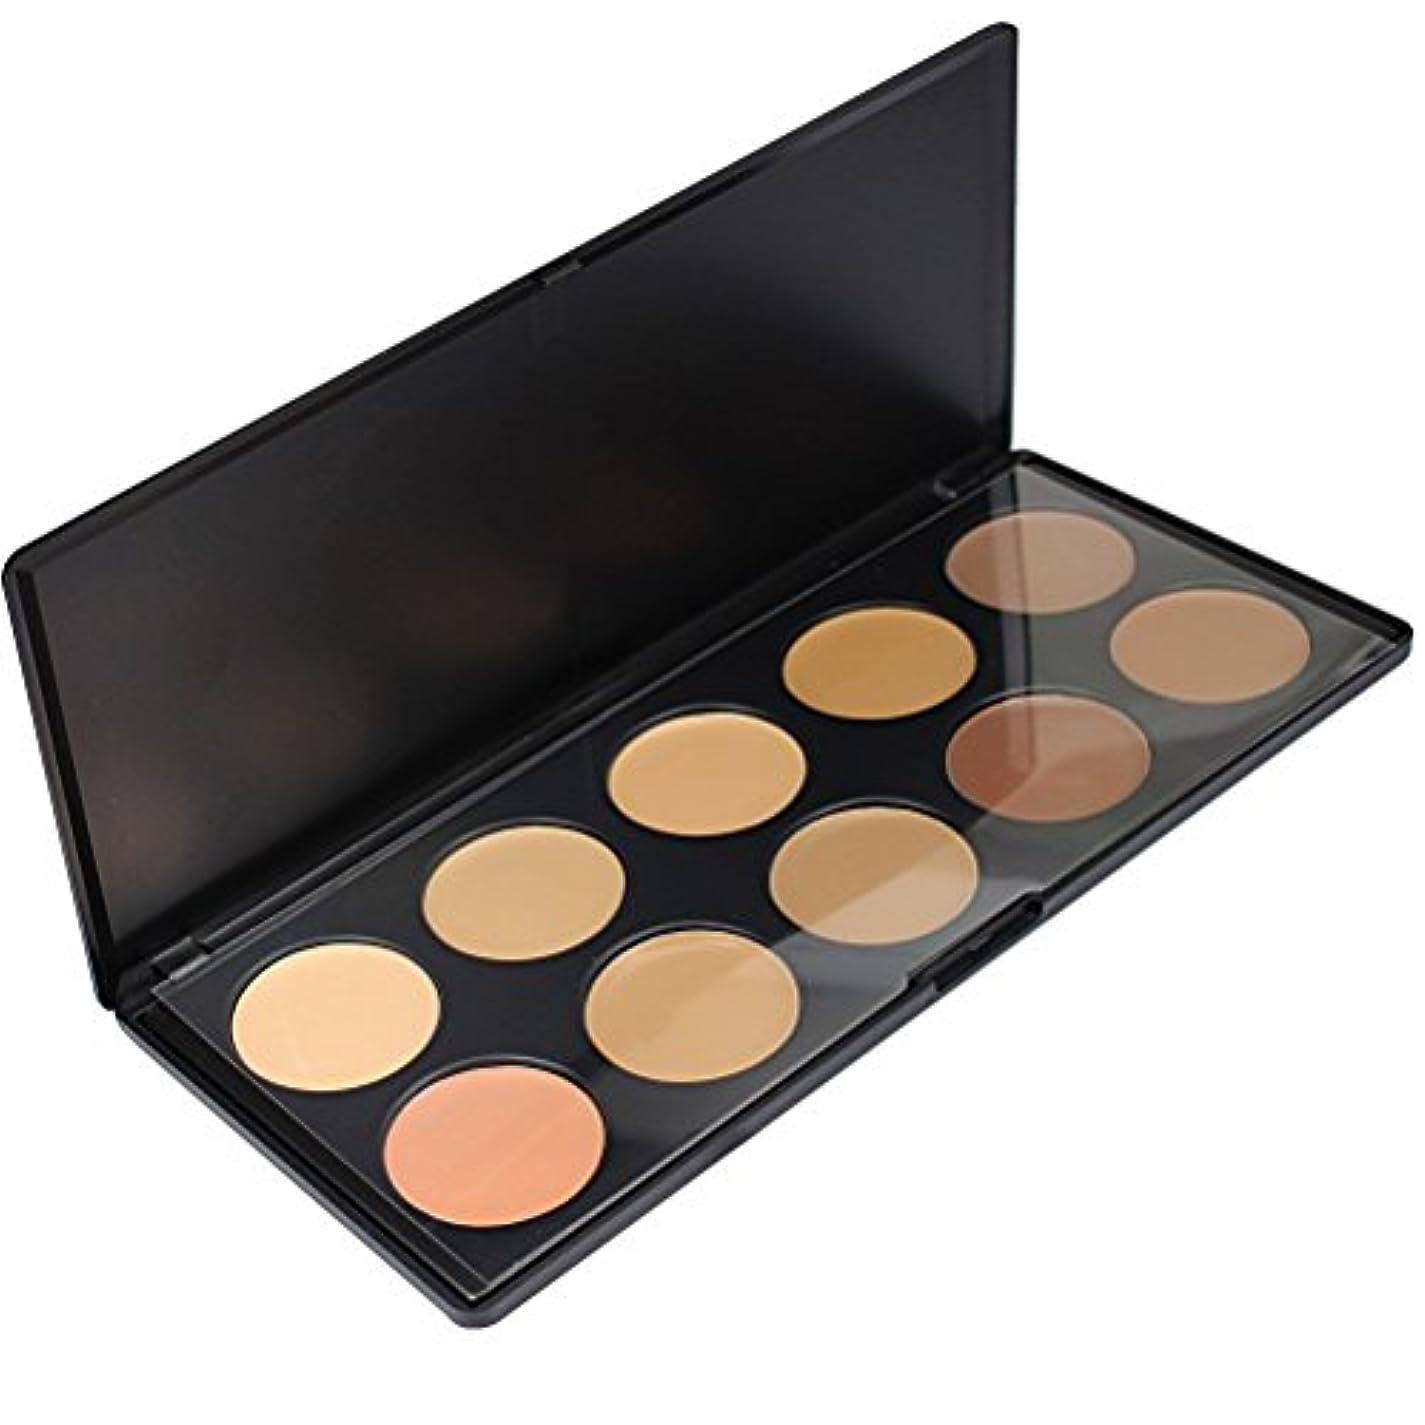 結紮宿泊膨らませるメイクアップエーシーシー (MakeupAcc) 10色コンシーラーパレット アイシャドウパレット メイクアップセット [並行輸入品]